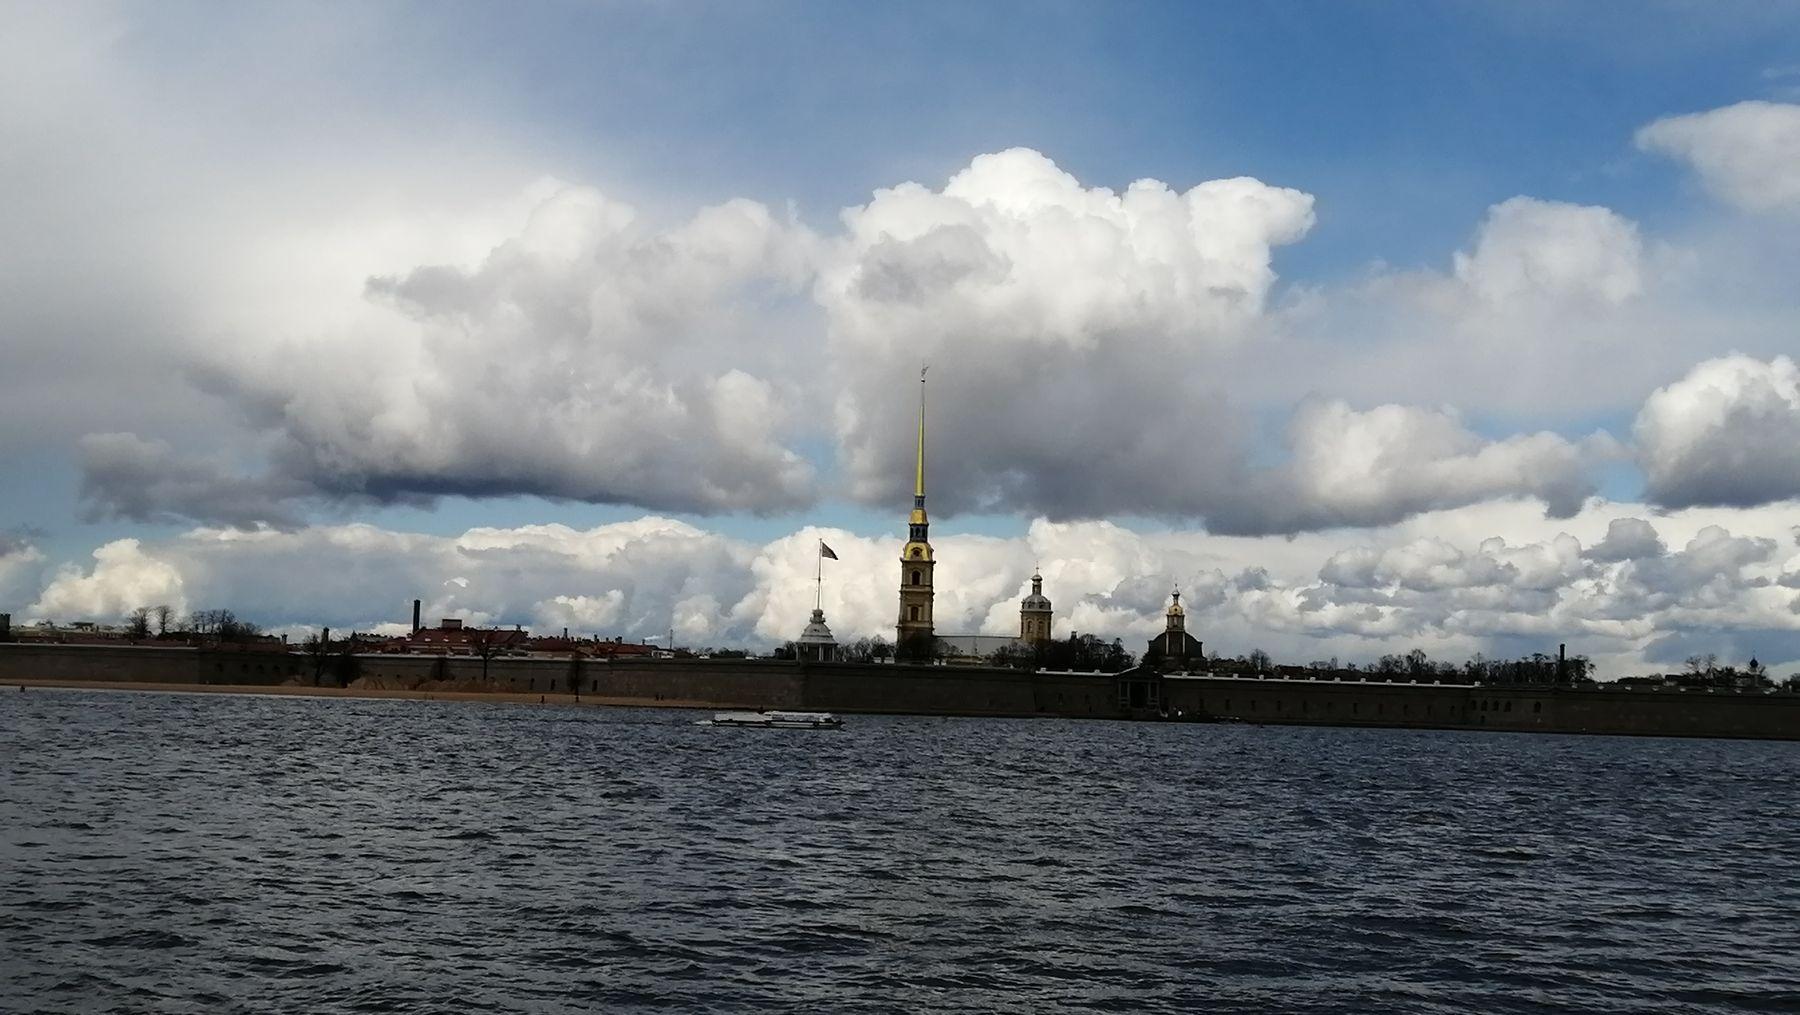 Днём в Санкт-Петербурге Достопримечательности Санкт-Петербург нева весна 2021